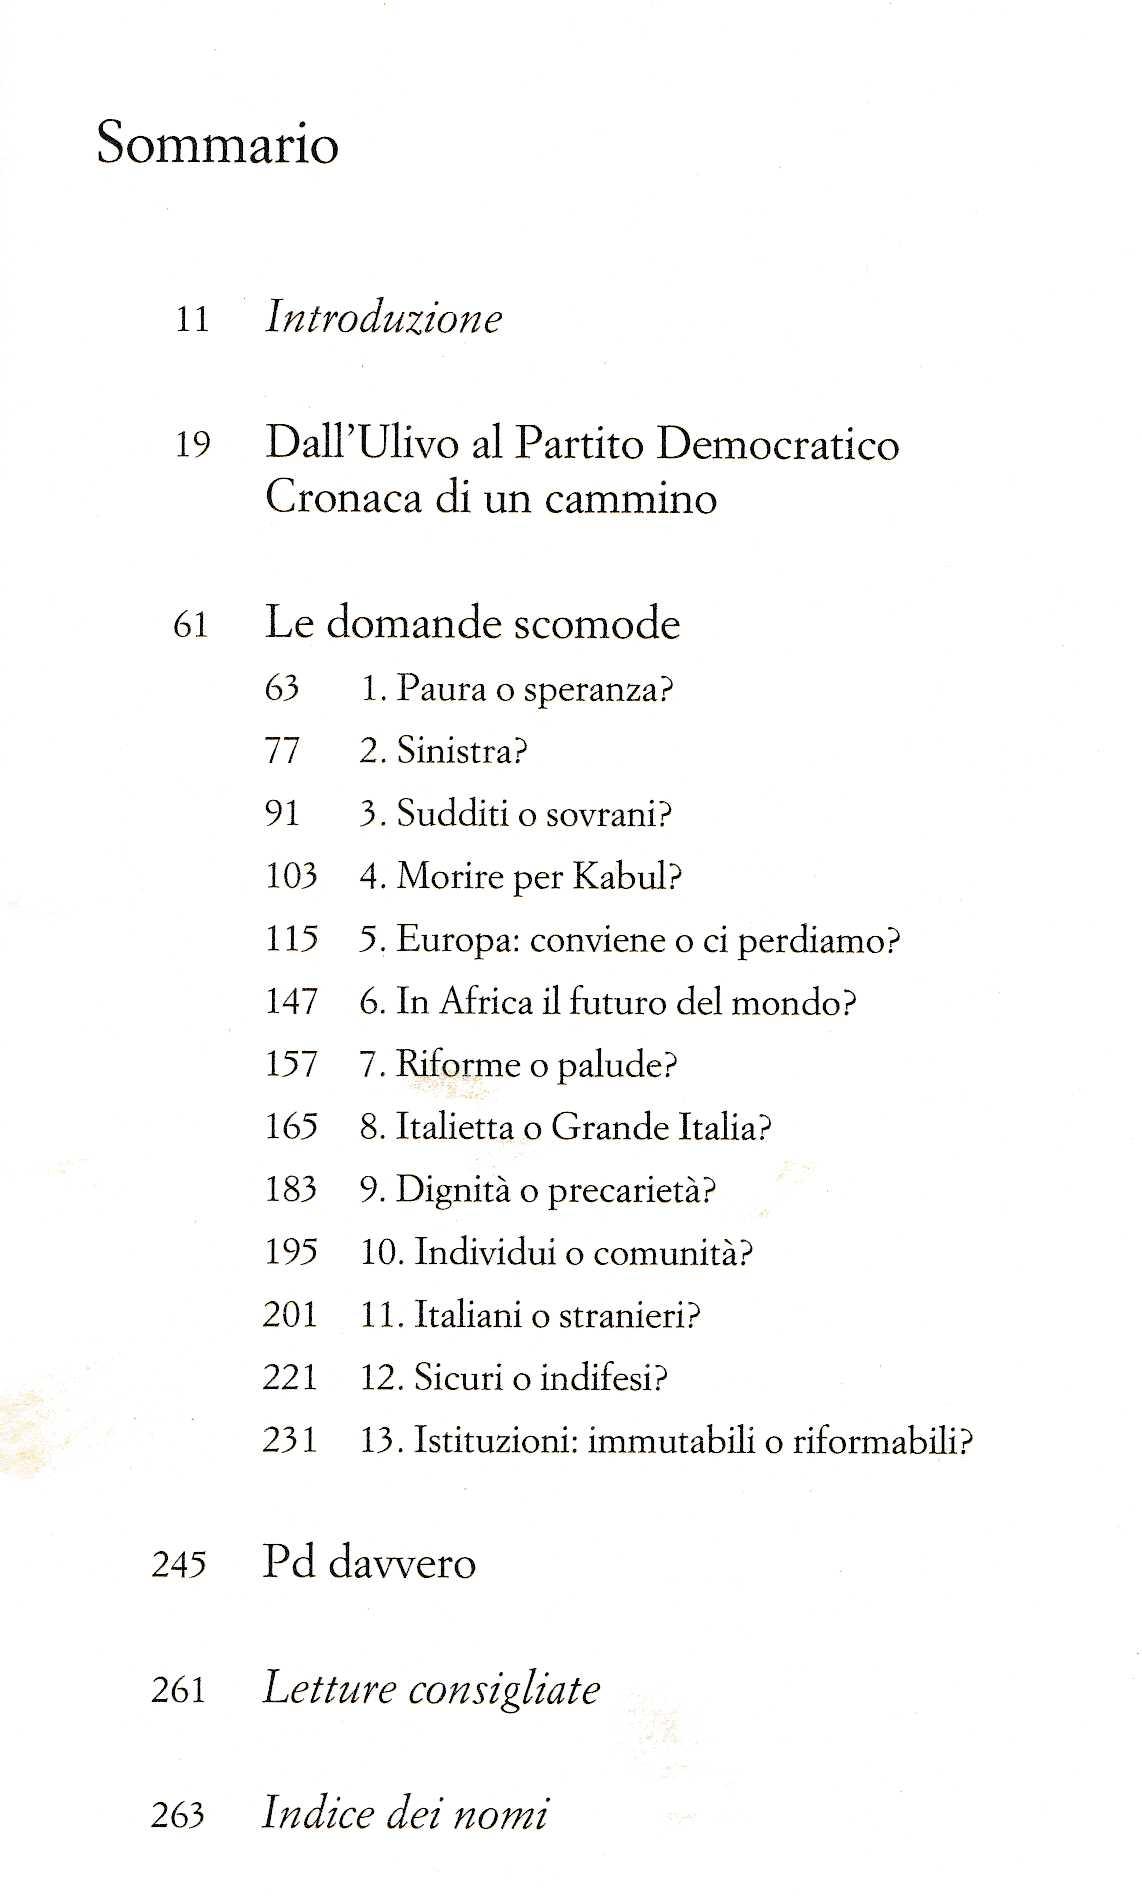 fassino1287